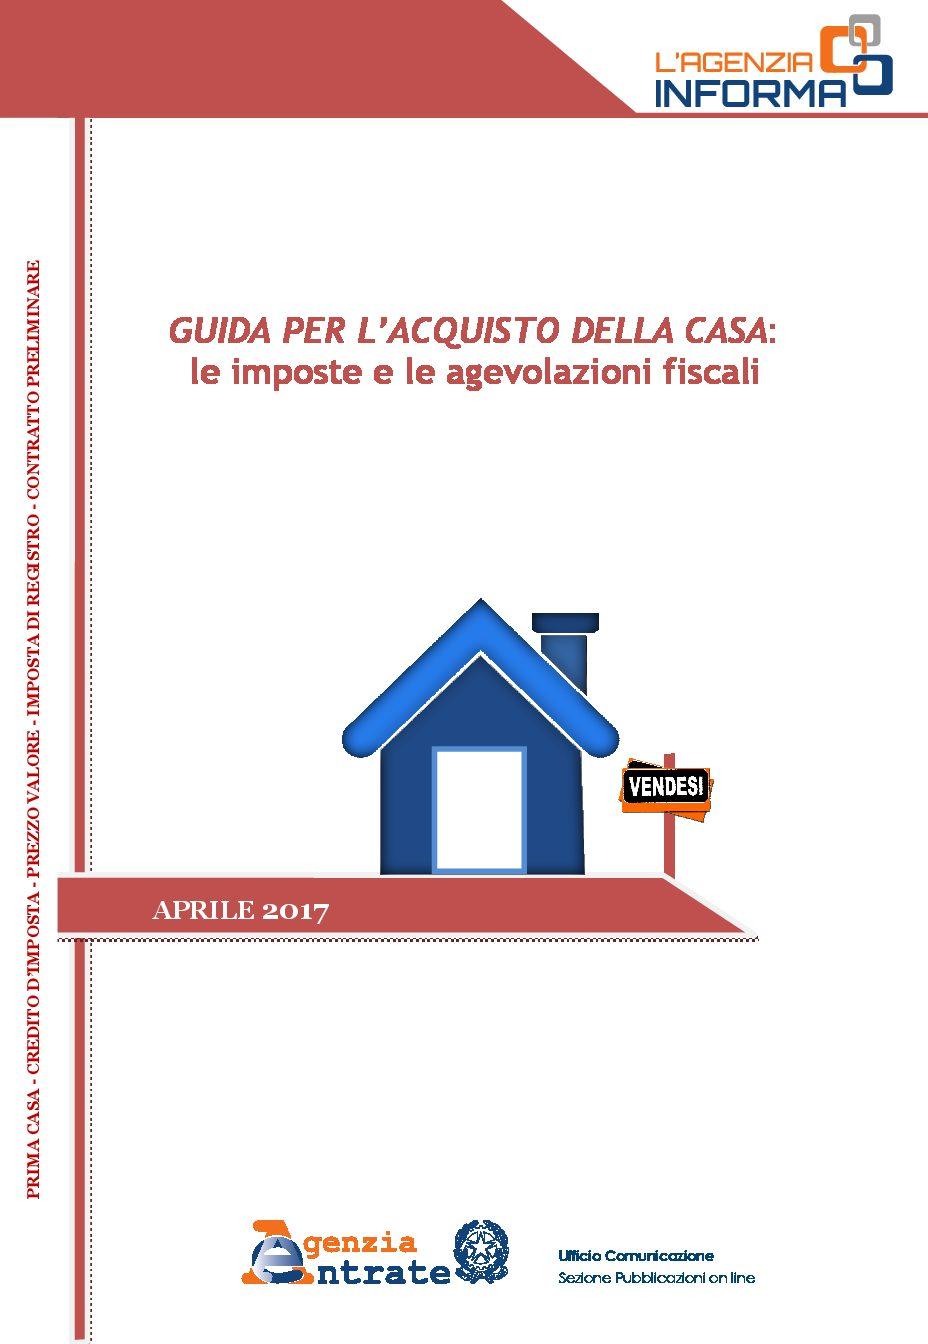 GUIDA PER L'ACQUISTO DELLA CASA: le imposte e le agevolazioni fiscali